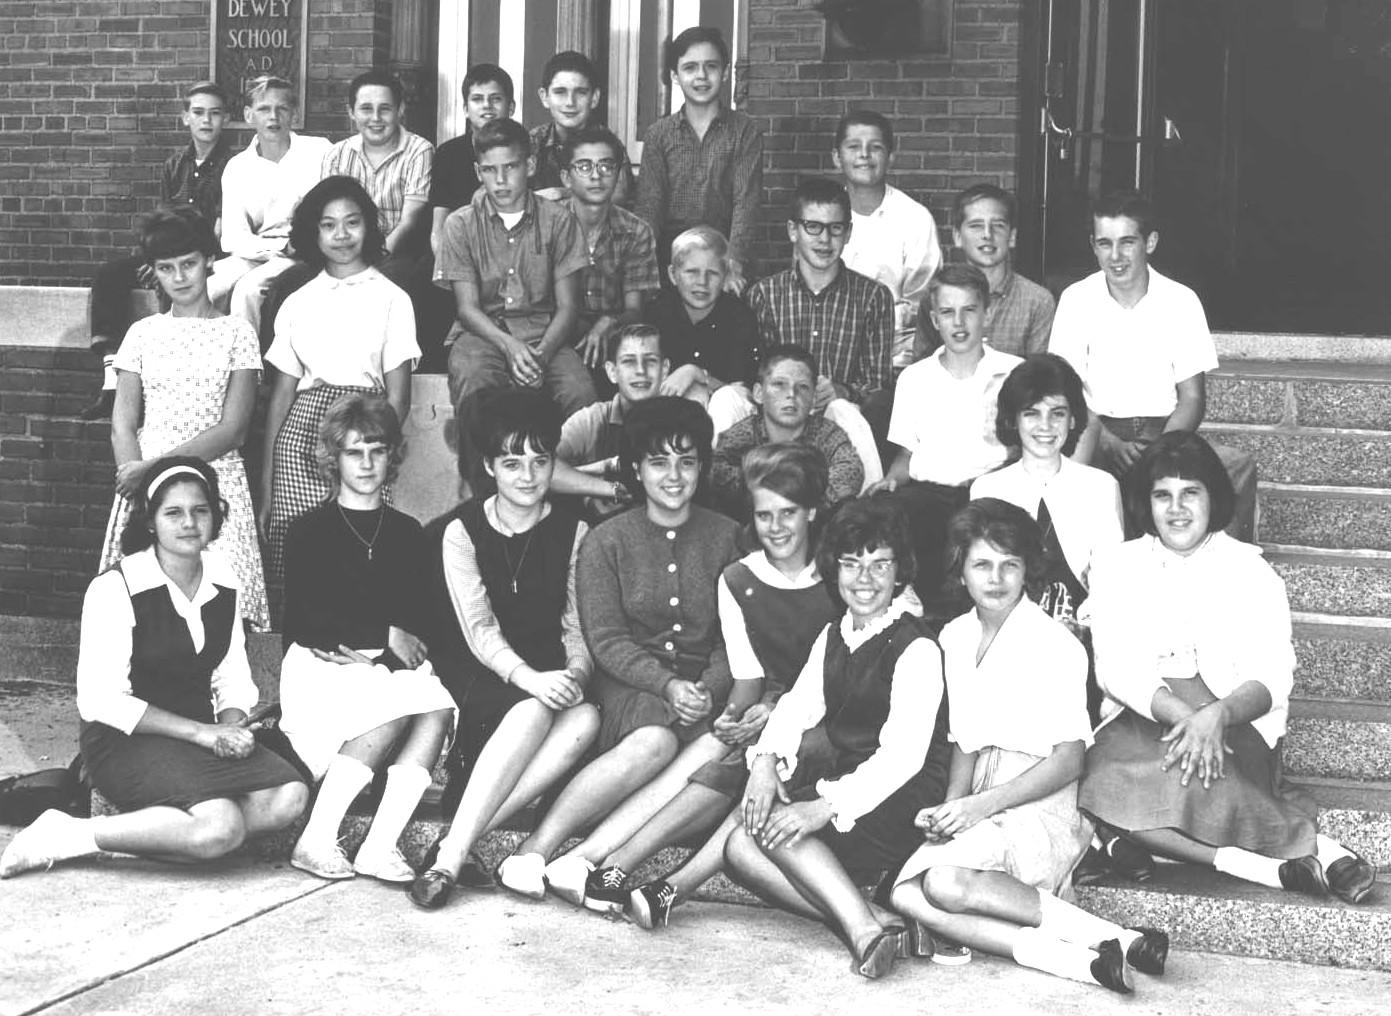 Dewey Elementary School